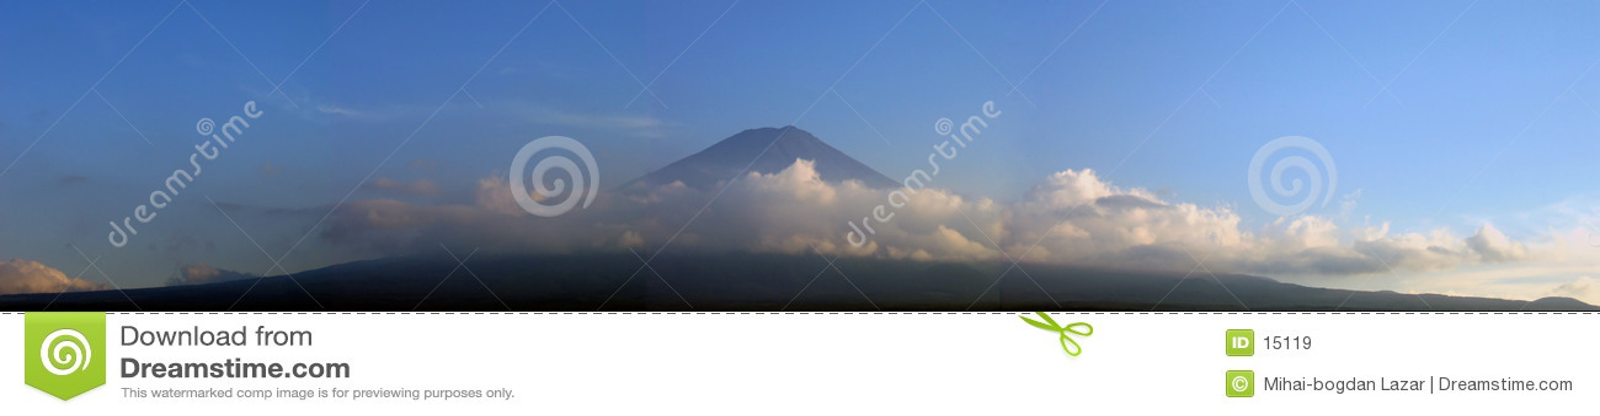 окруженная панорама держателя fuji облаков